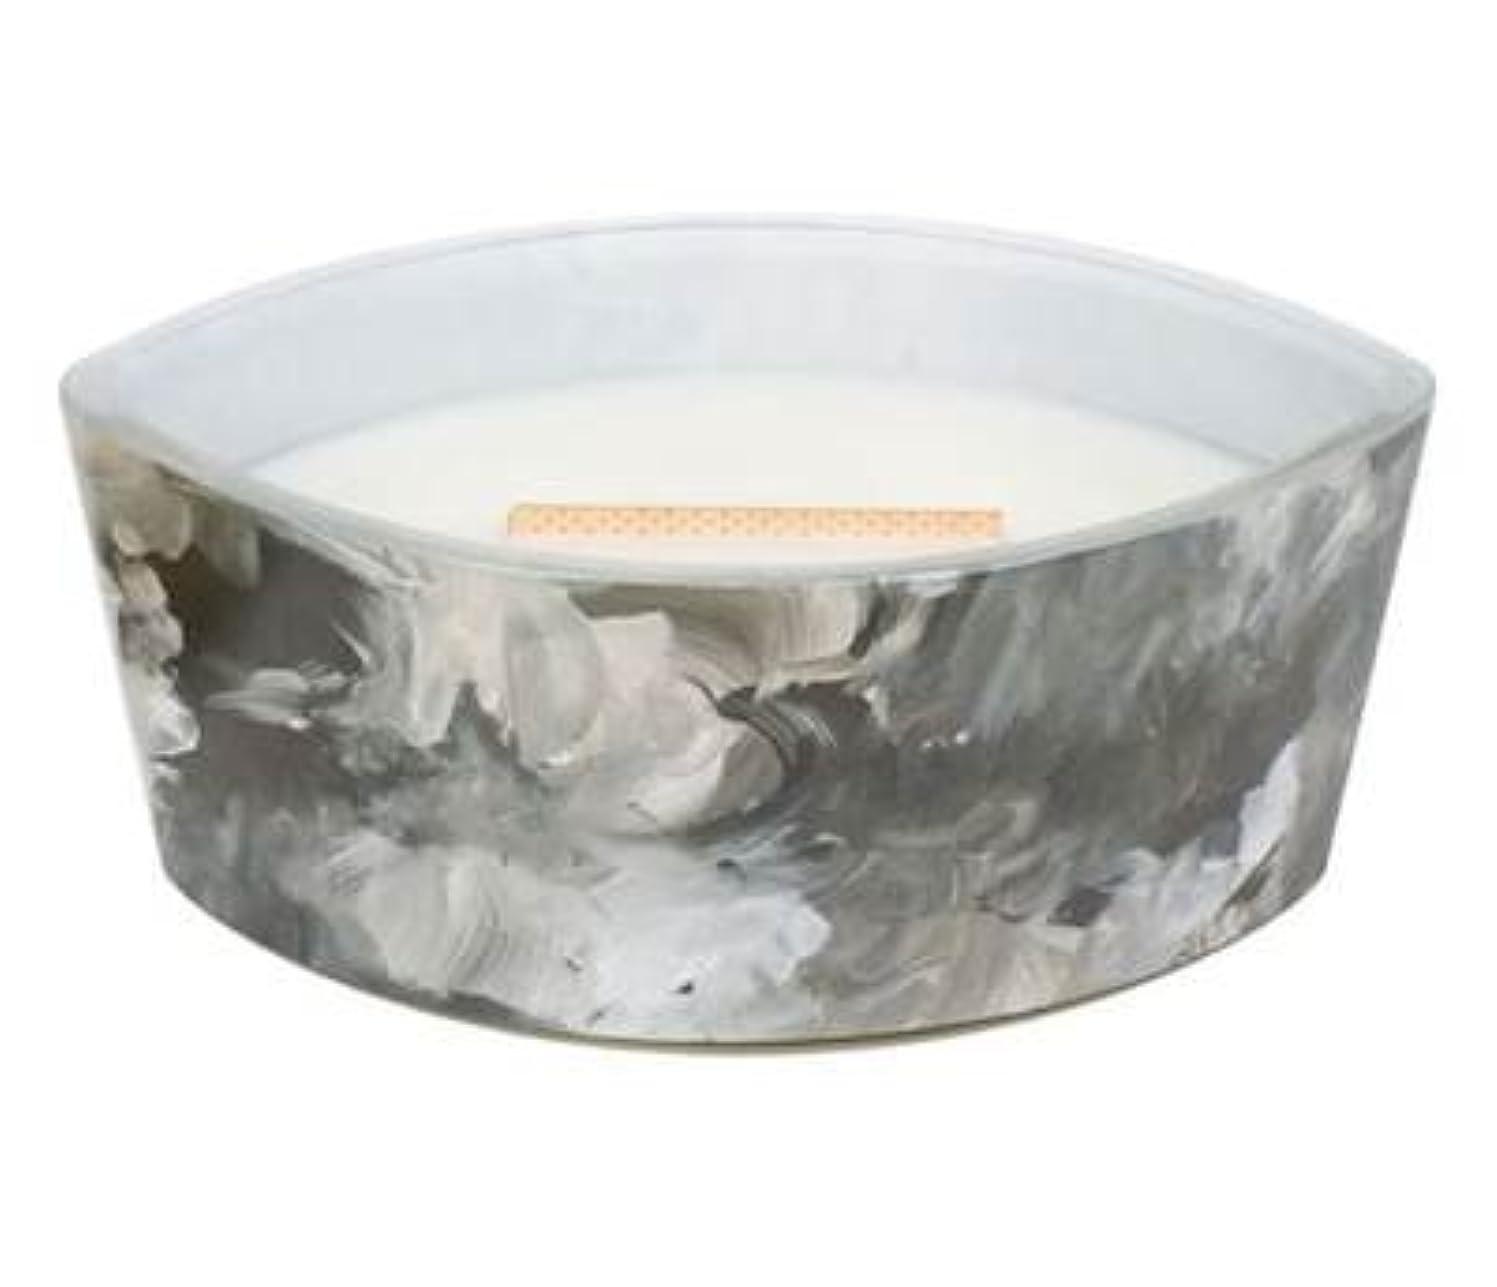 同情的病気歌詞ブラックオレンジCitrus – アーティザンコレクション楕円WoodWick香りつきJar Candle